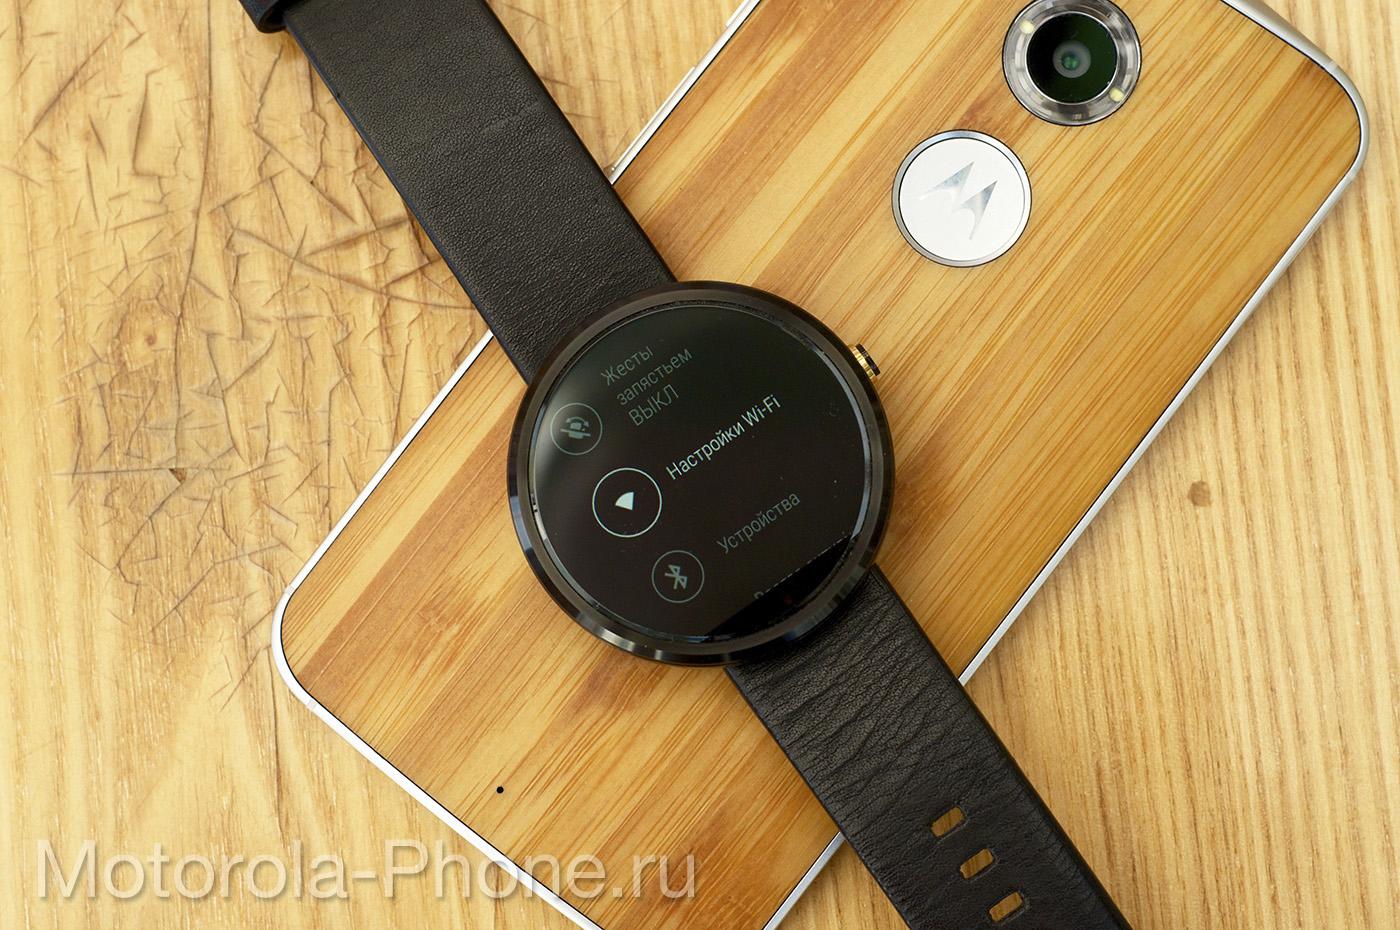 Motorola-Moto-360-Android-Wear-5-1-03 copy